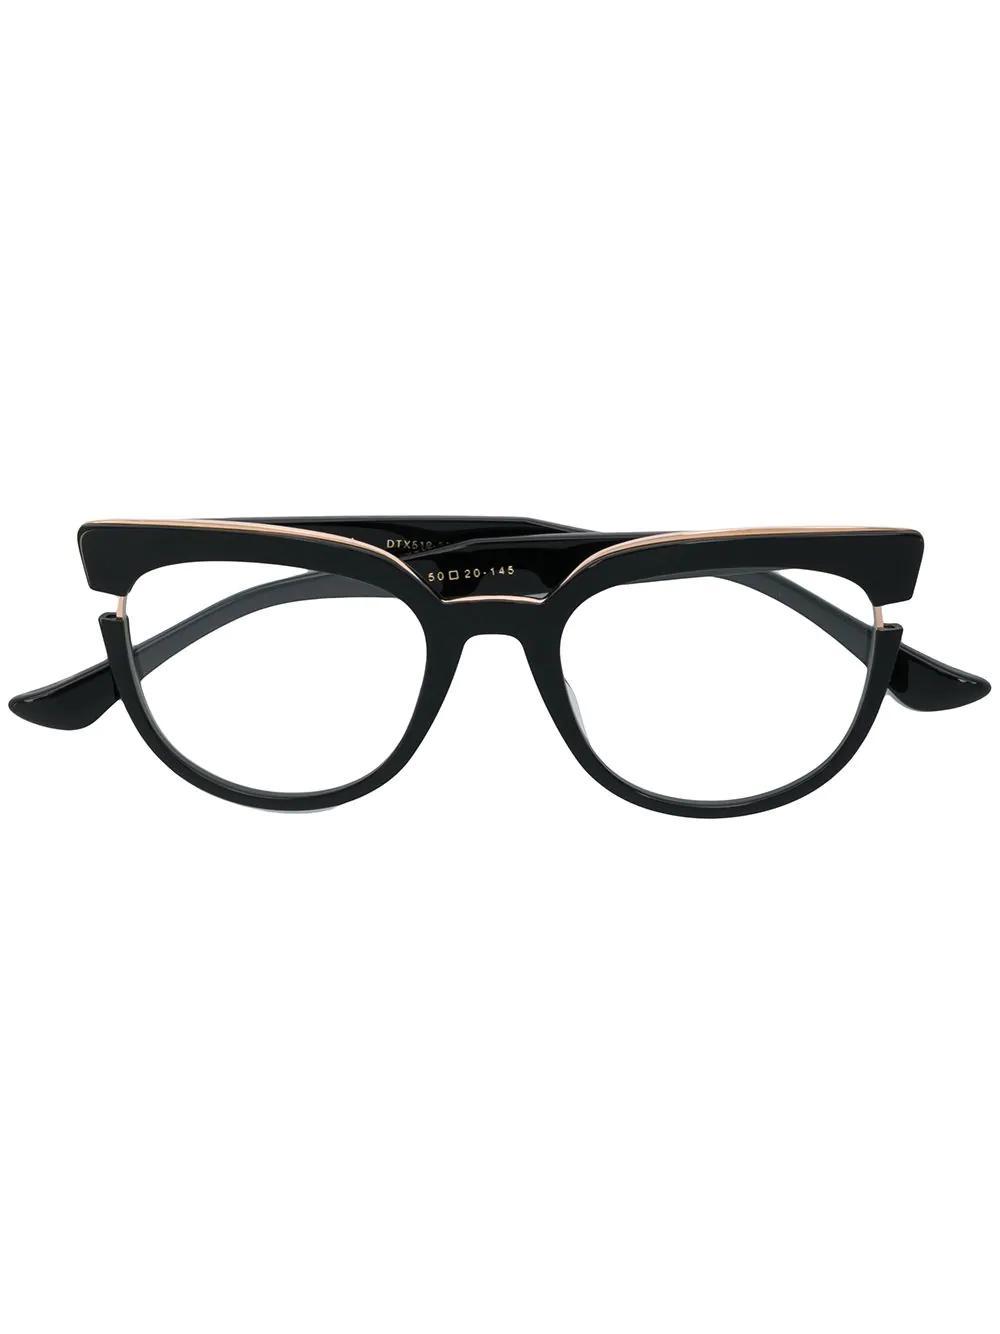 236d1e0220b Dita Eyewear Monthra Glasses - Black. Farfetch